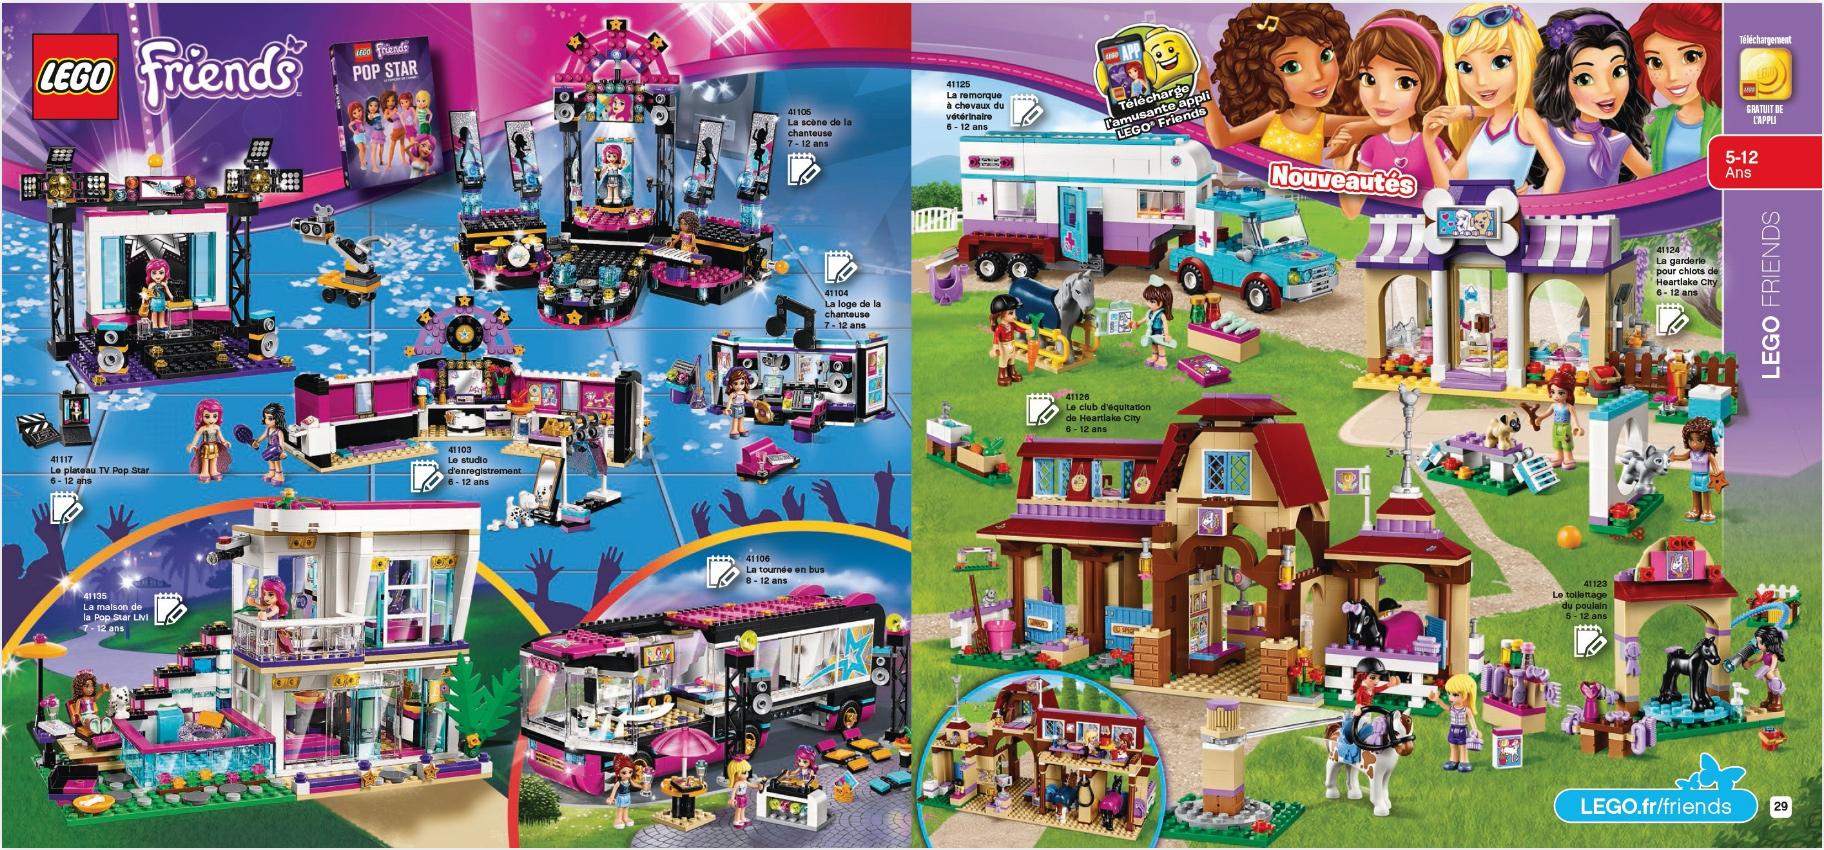 jouet de noel liste des meilleurs jouets pour noel 2016 pour les gar ons et les filles. Black Bedroom Furniture Sets. Home Design Ideas